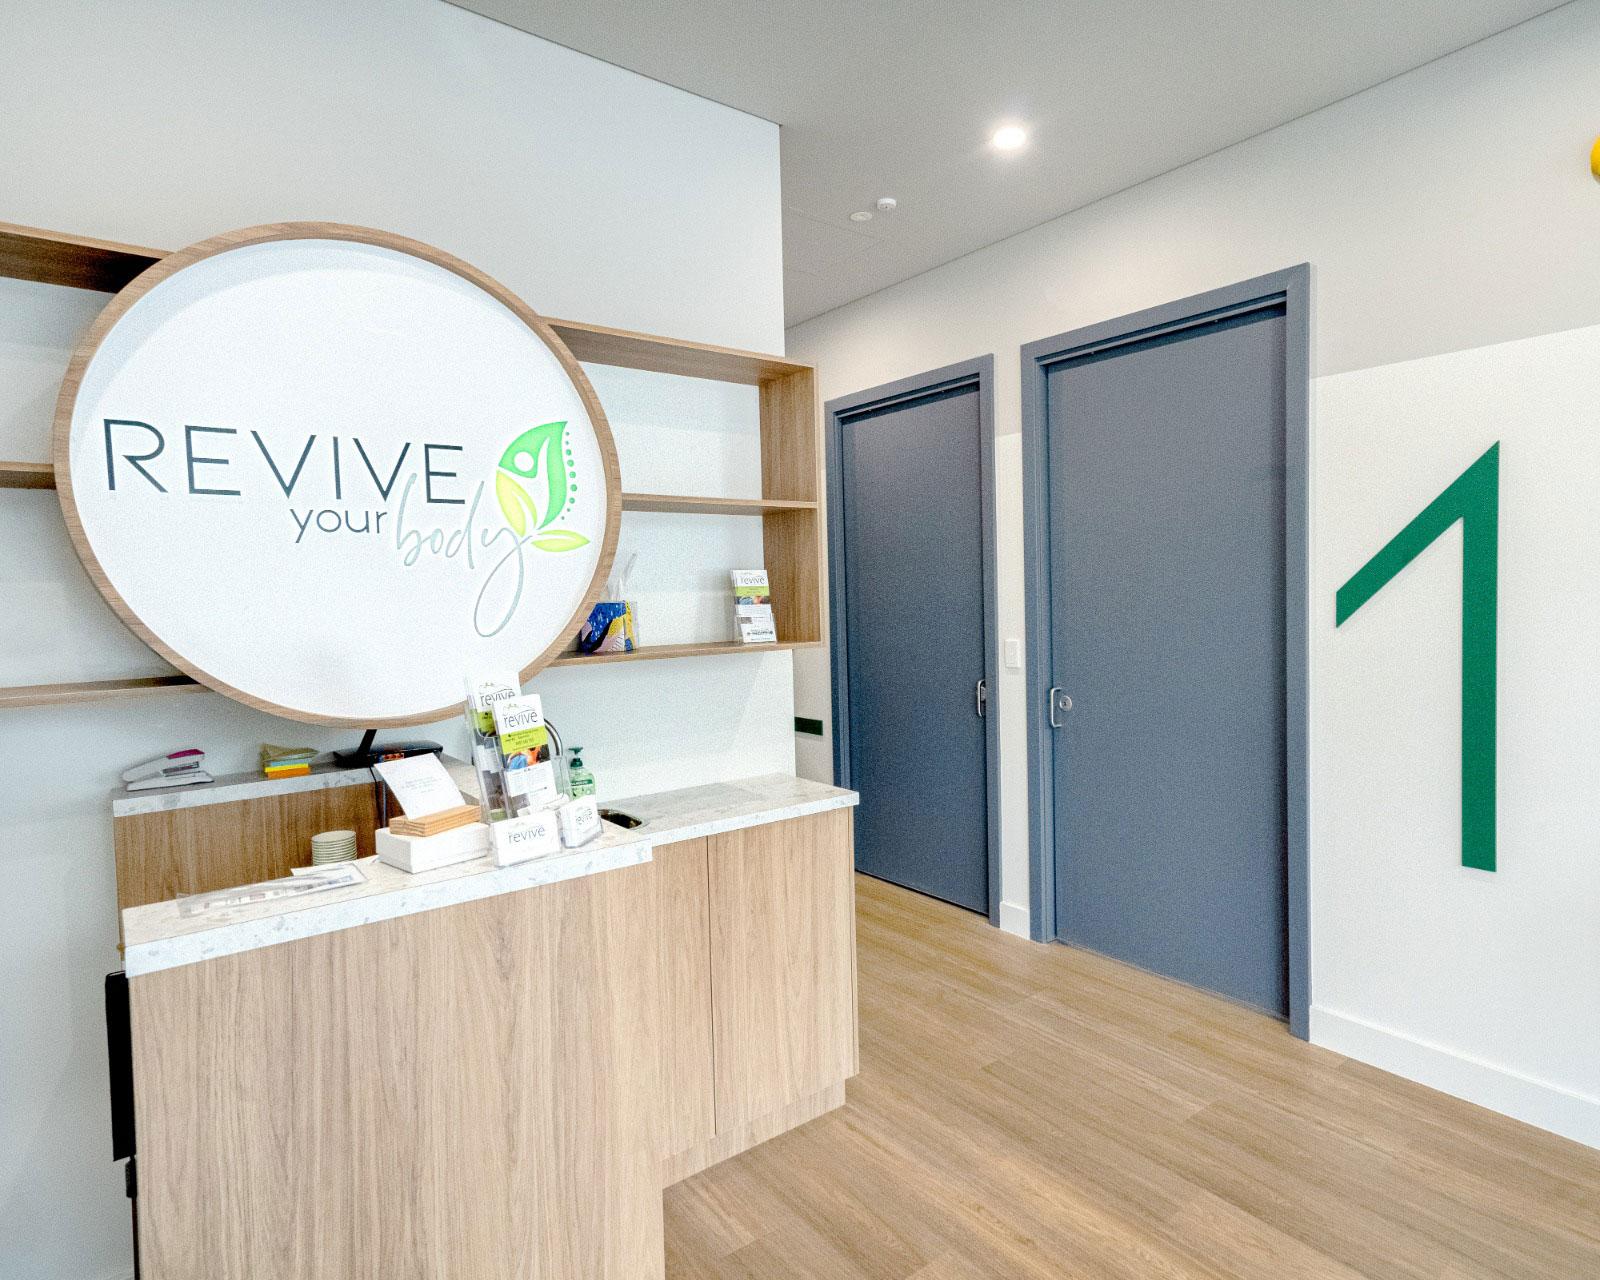 Revive-Massage-Retreat